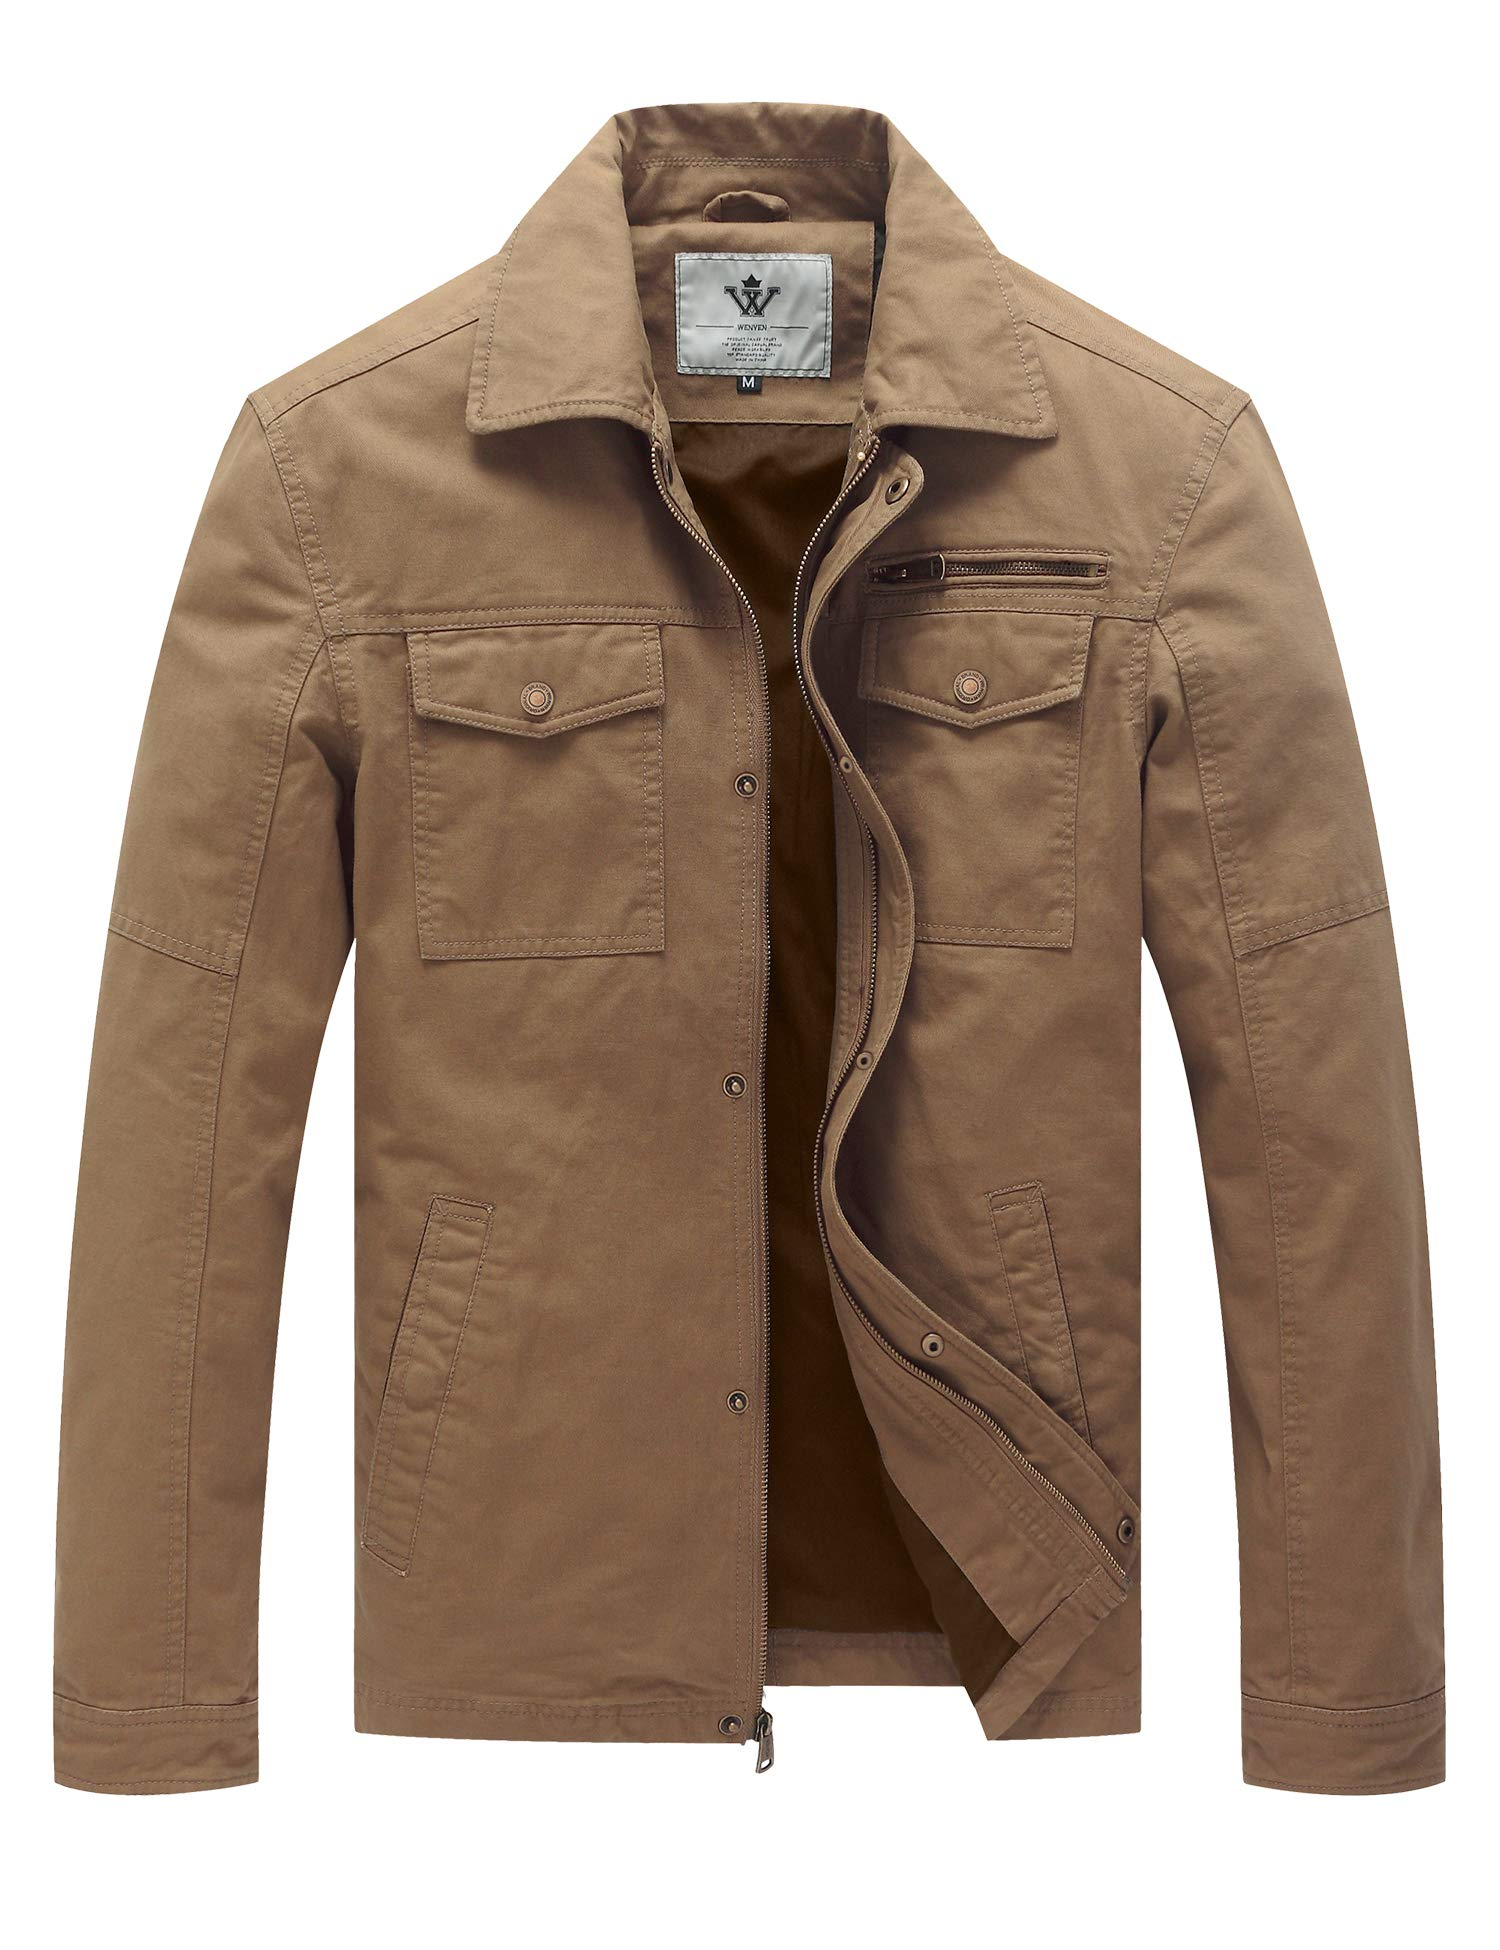 Men's Casual Canvas Cotton Military Lapel Jacket